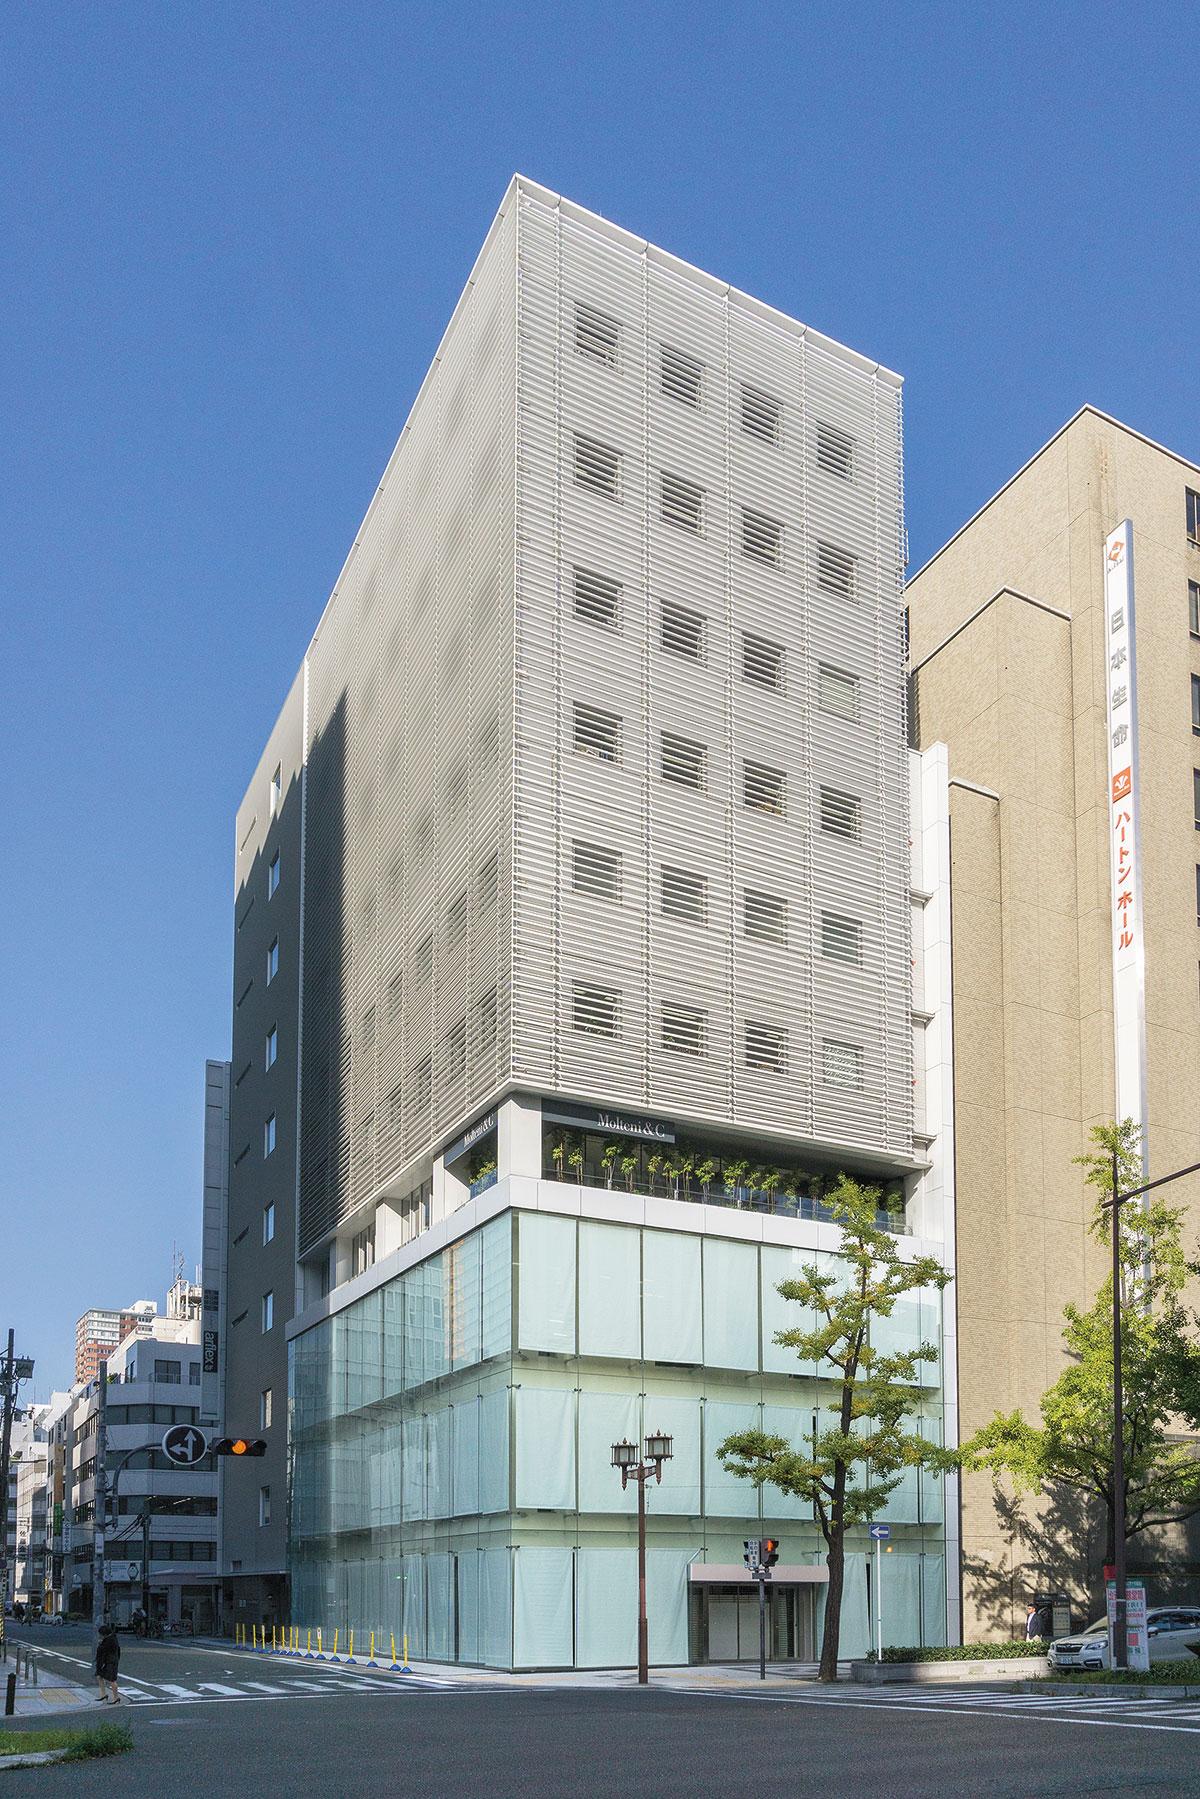 JPR心斎橋ビル(旧ベネトン心斎橋ビル)